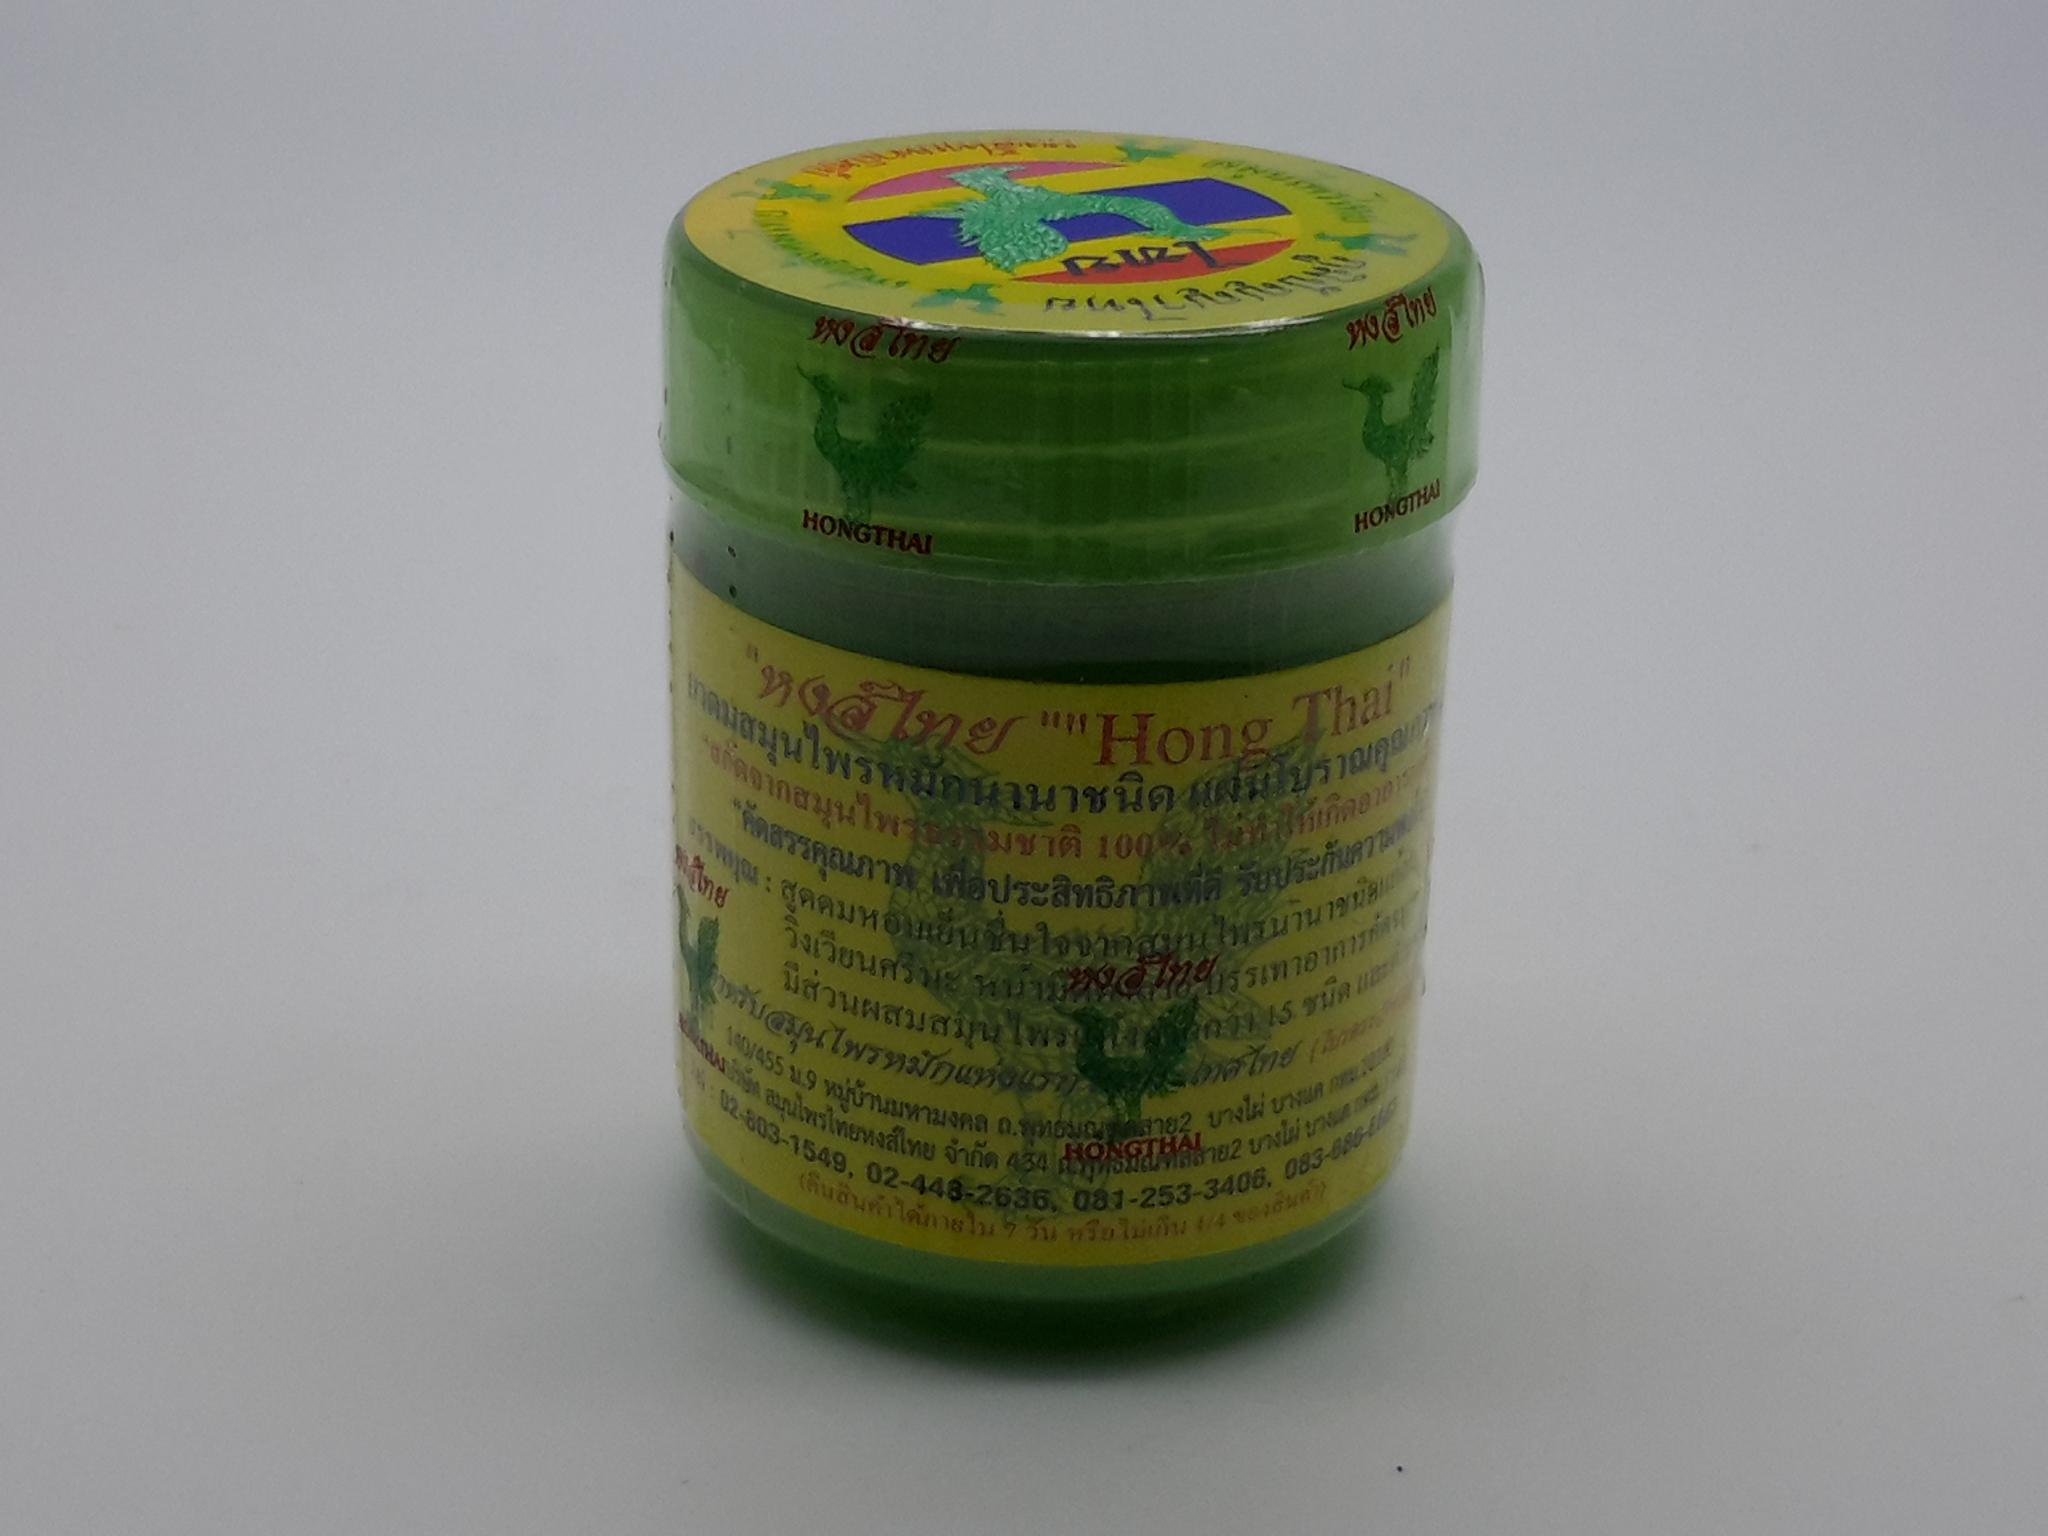 ยาดมสมุนไพรหมักนานาชนิด หงส์ไทย